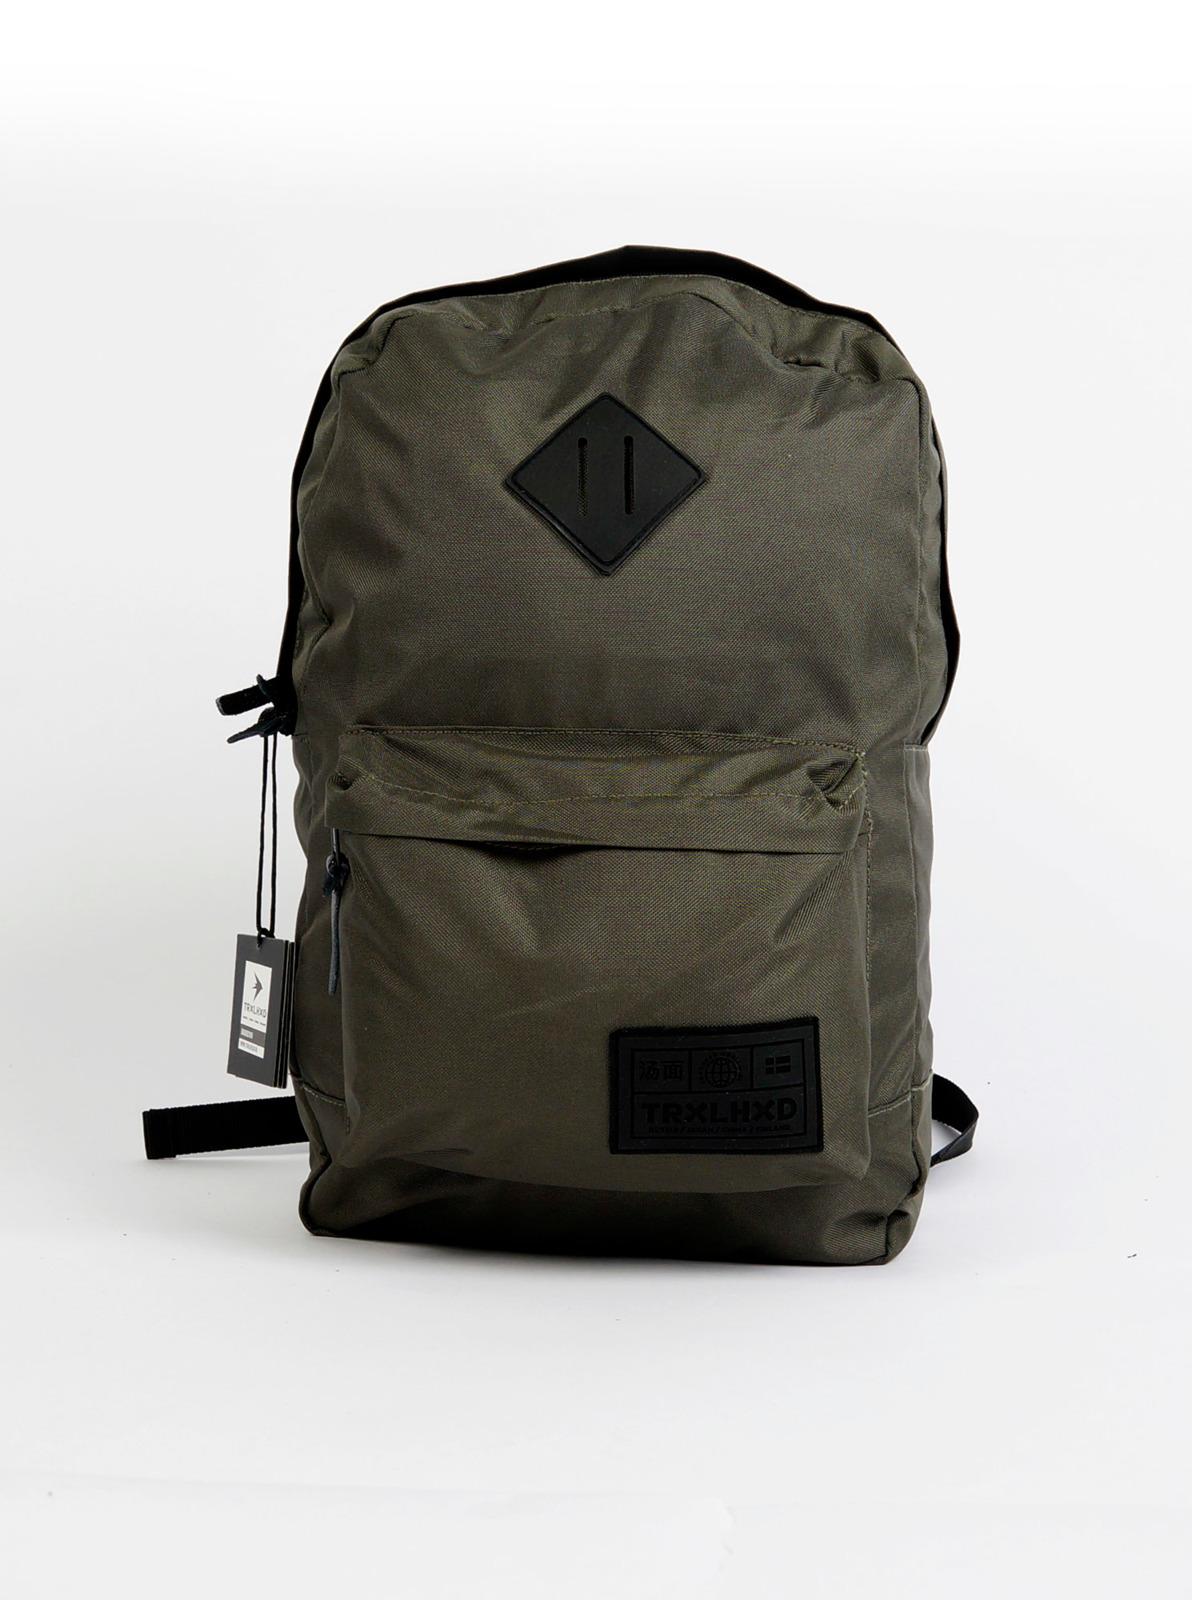 Рюкзак мужской Trailhead, цвет: оливковый. BAG002-18_KHAKI рюкзак мужской quiksilver everydaypostemb m eqybp03501 bng0 королевский синий